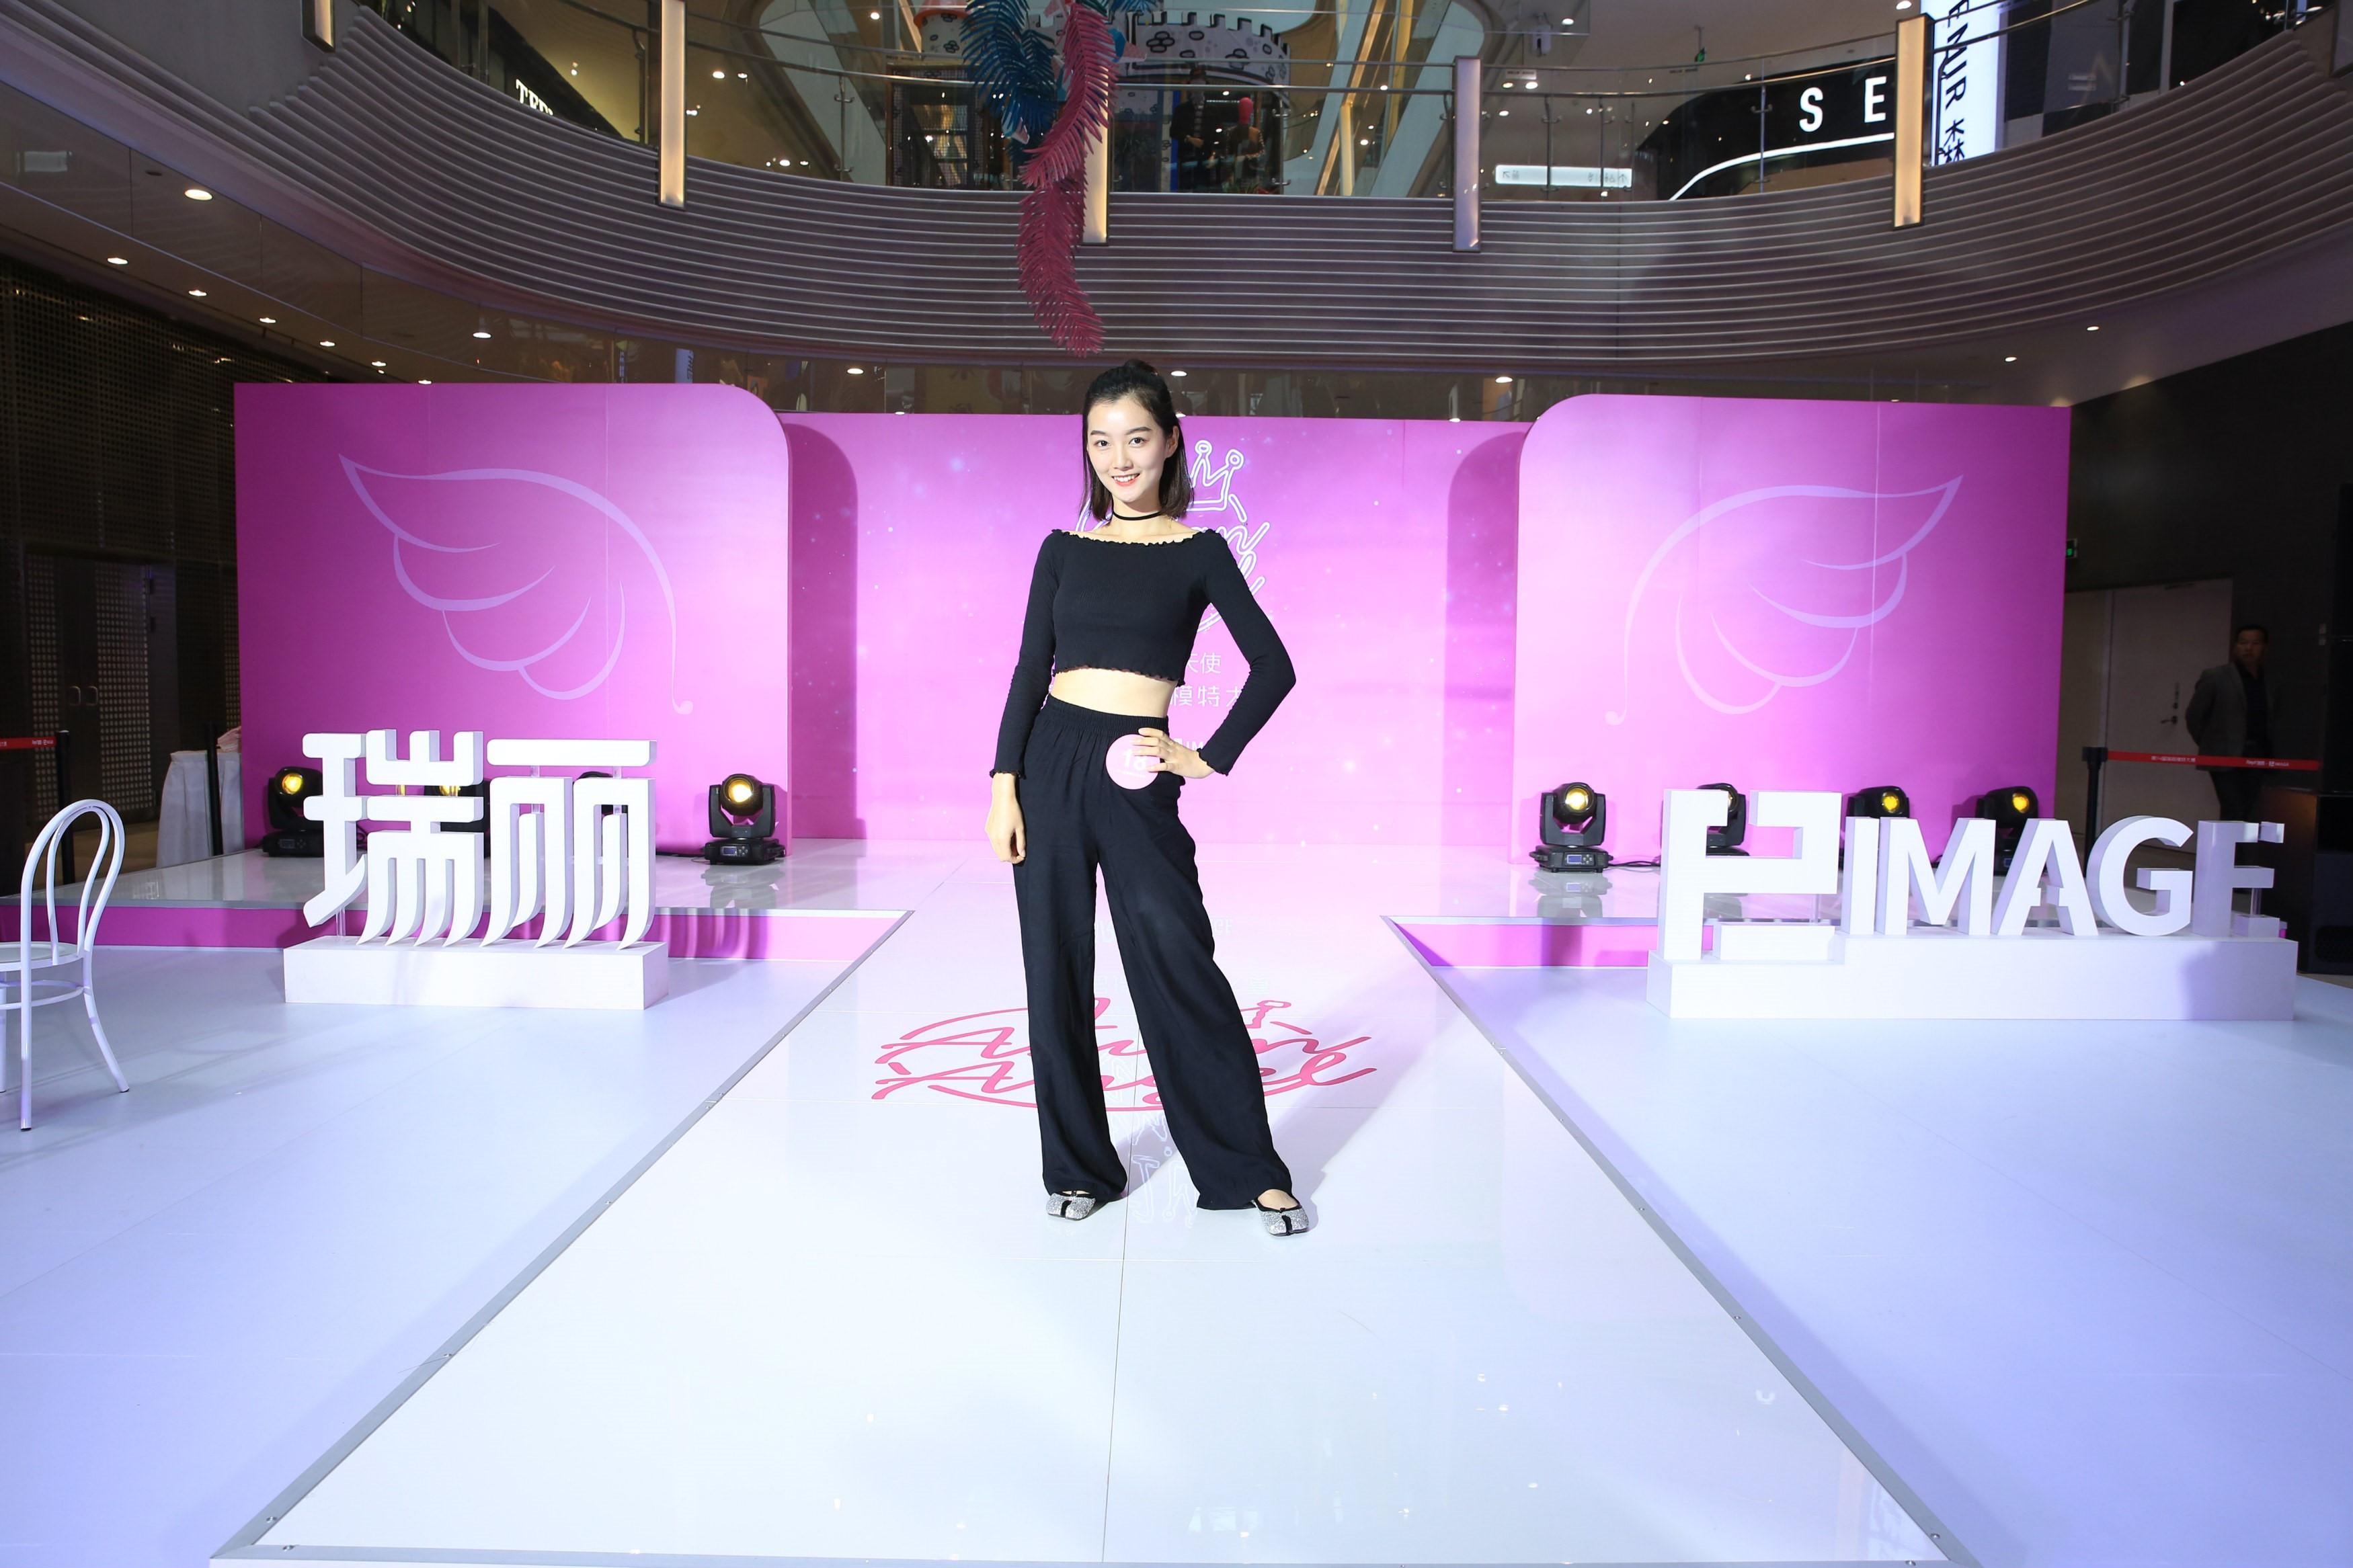 我是亚洲天使第14届瑞丽模特大赛 百强名额招募过半